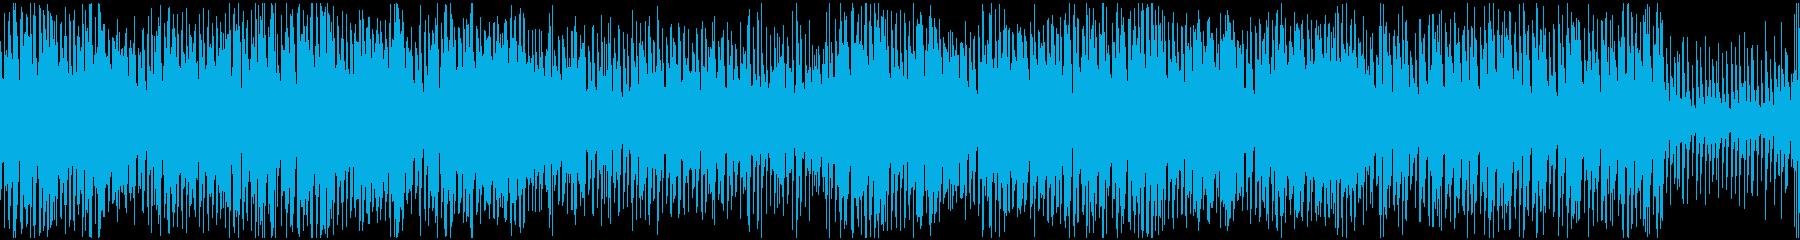 口笛の爽やかCM風わくわく楽しいポップスの再生済みの波形